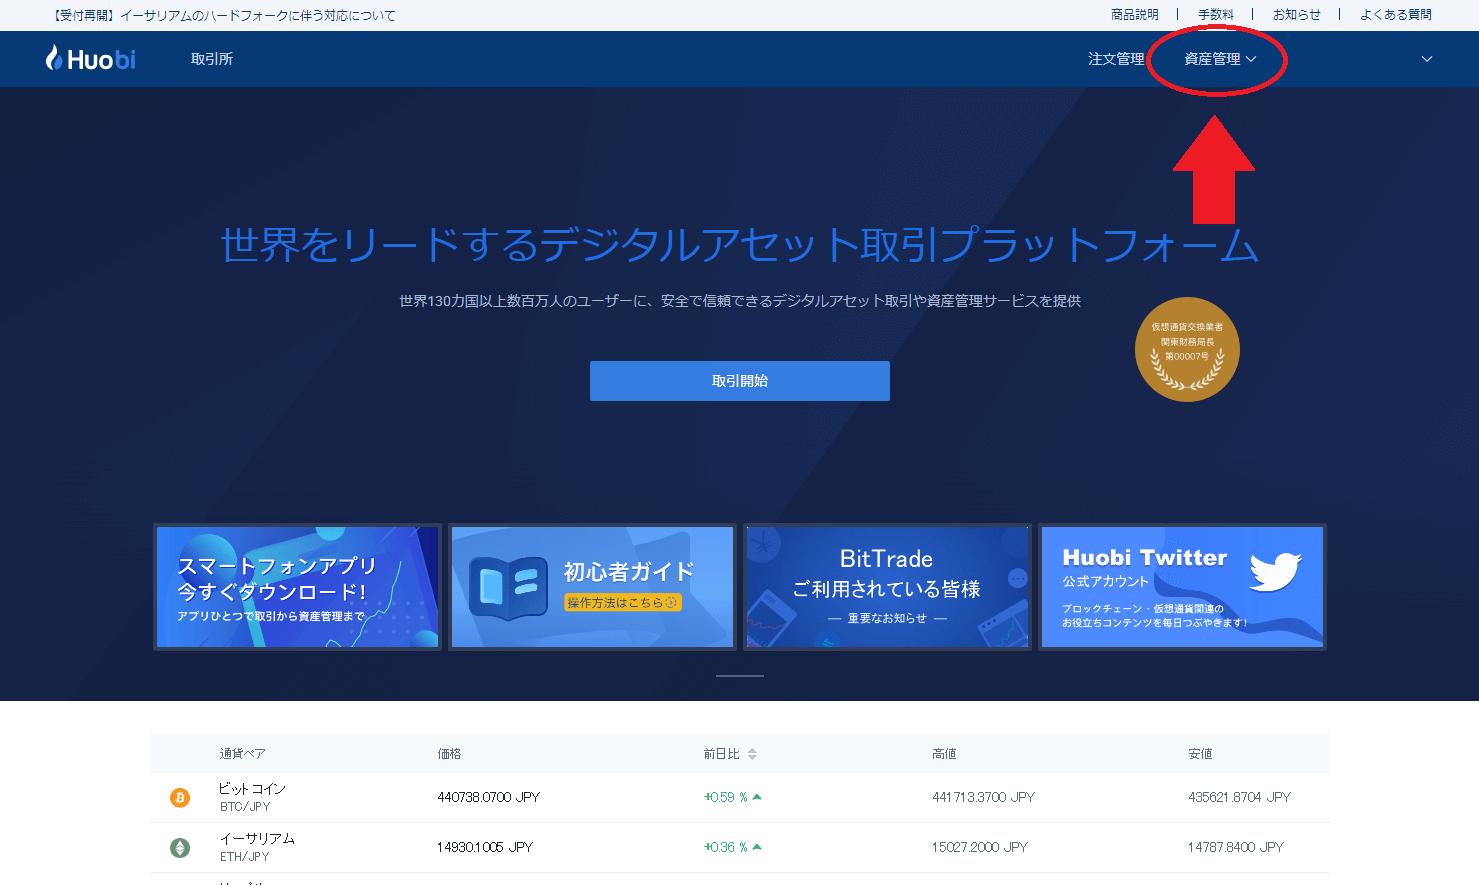 huobi-japan-crypto-deposit-1